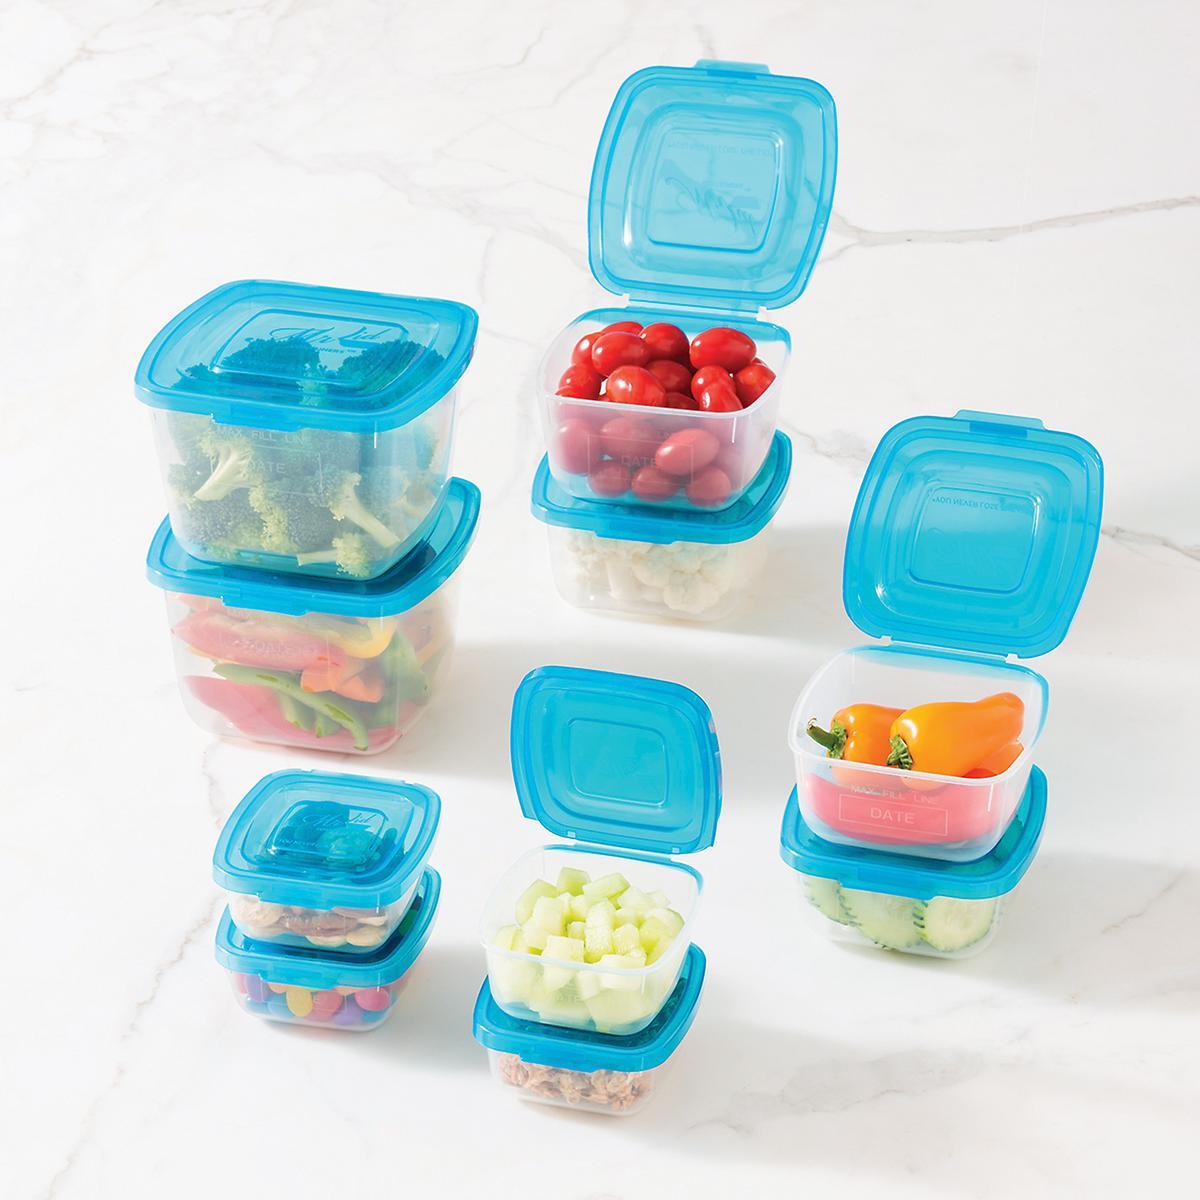 Mr Lid Food Storage